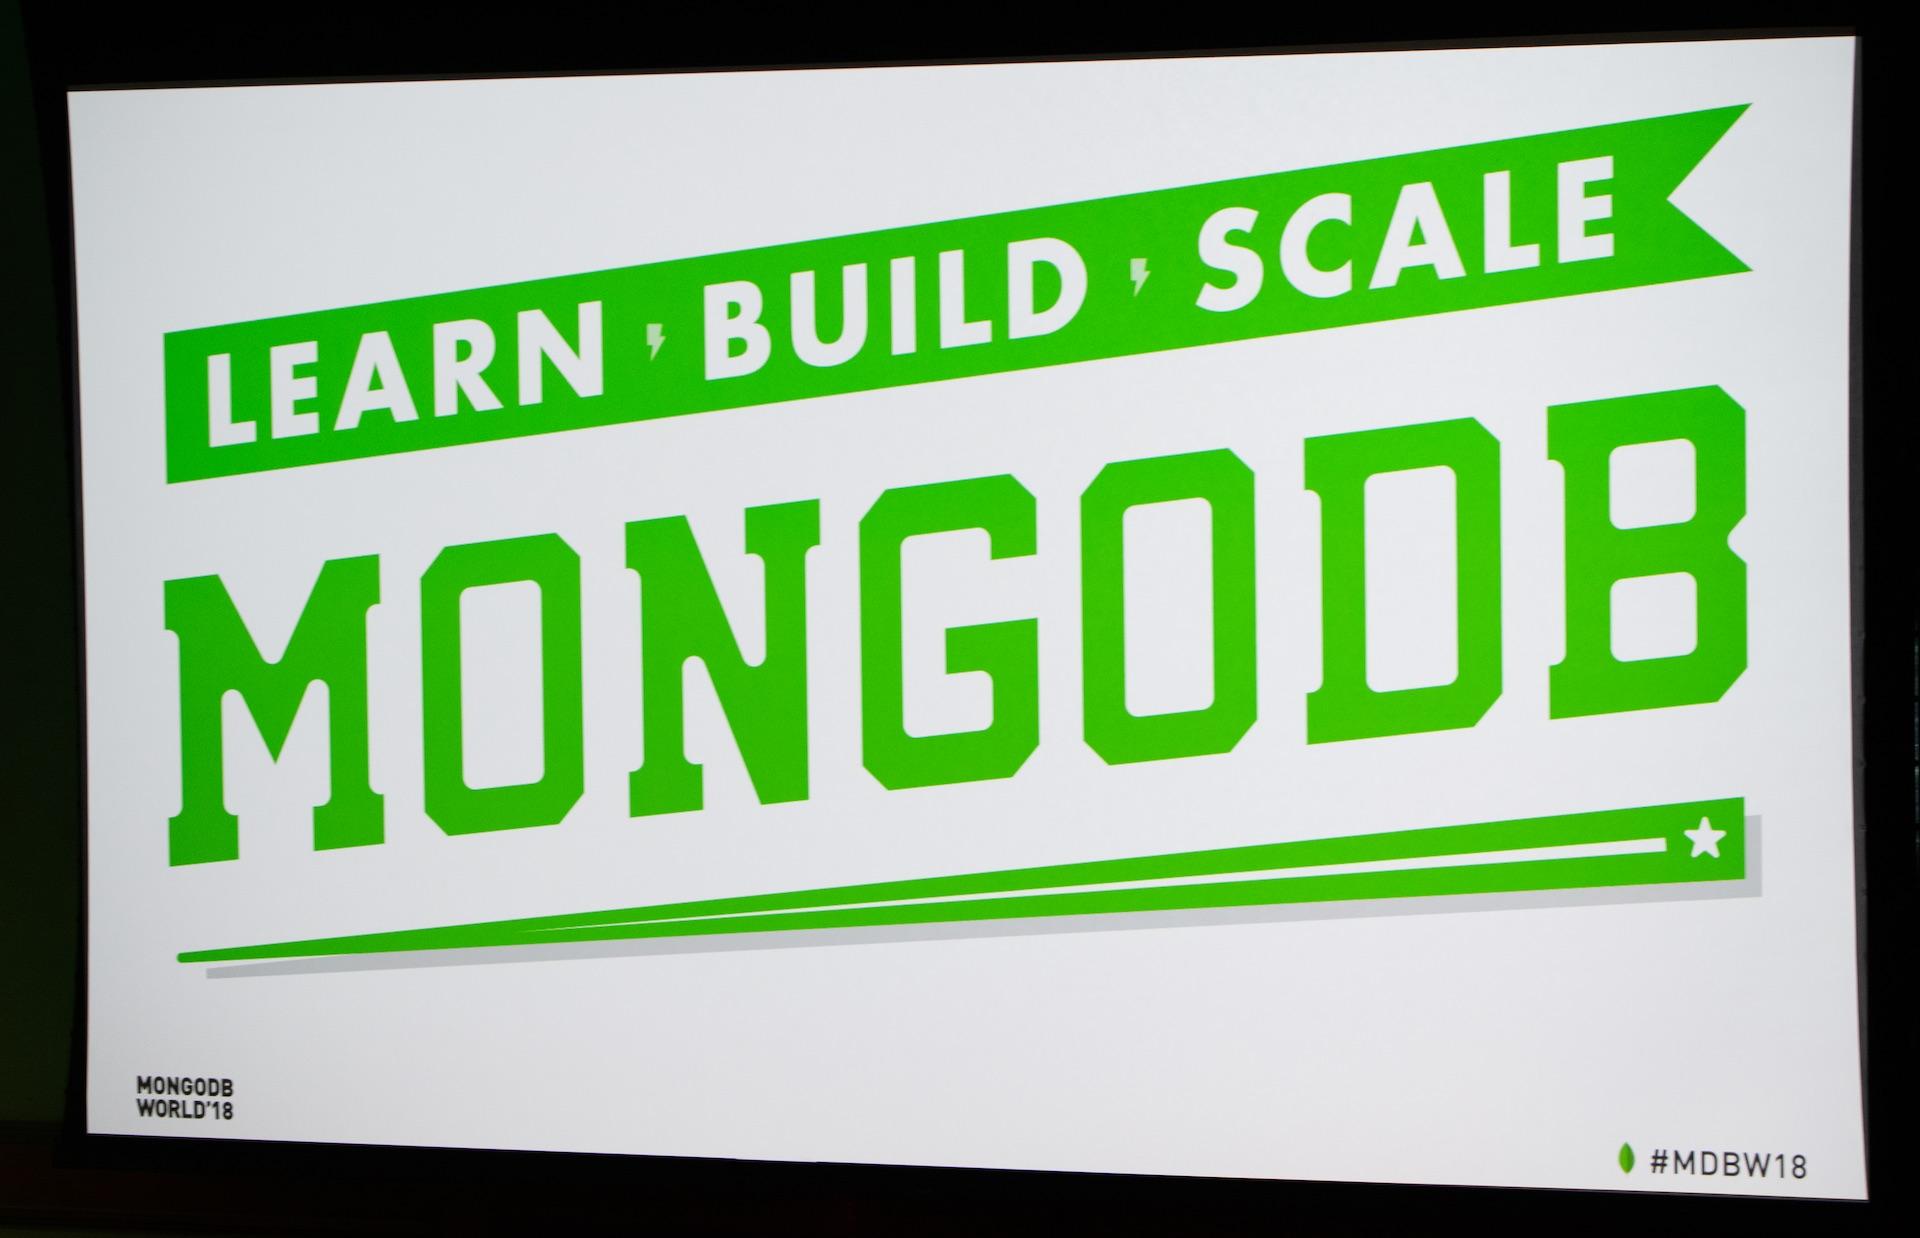 MongoDB 2018